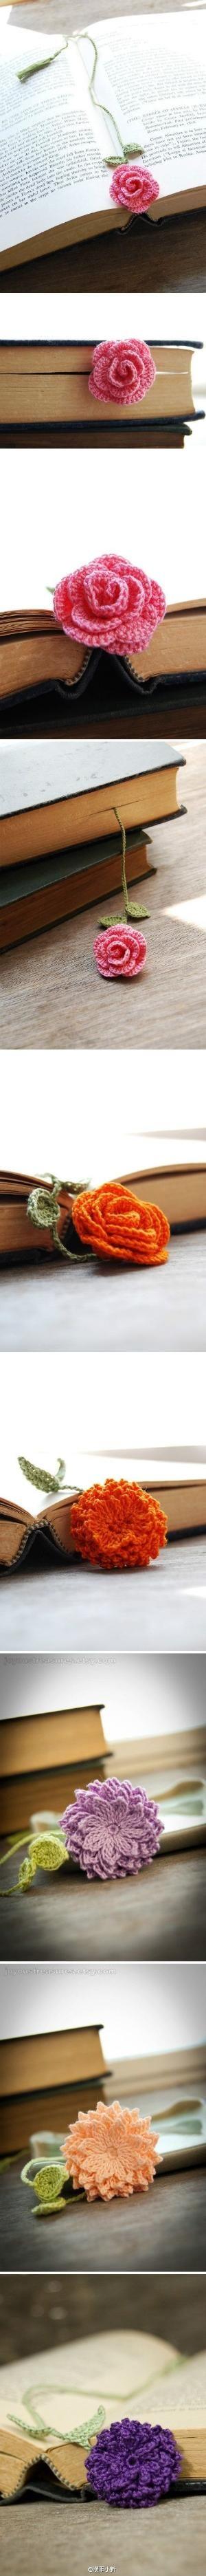 ブックマーク かぎ針編みの花